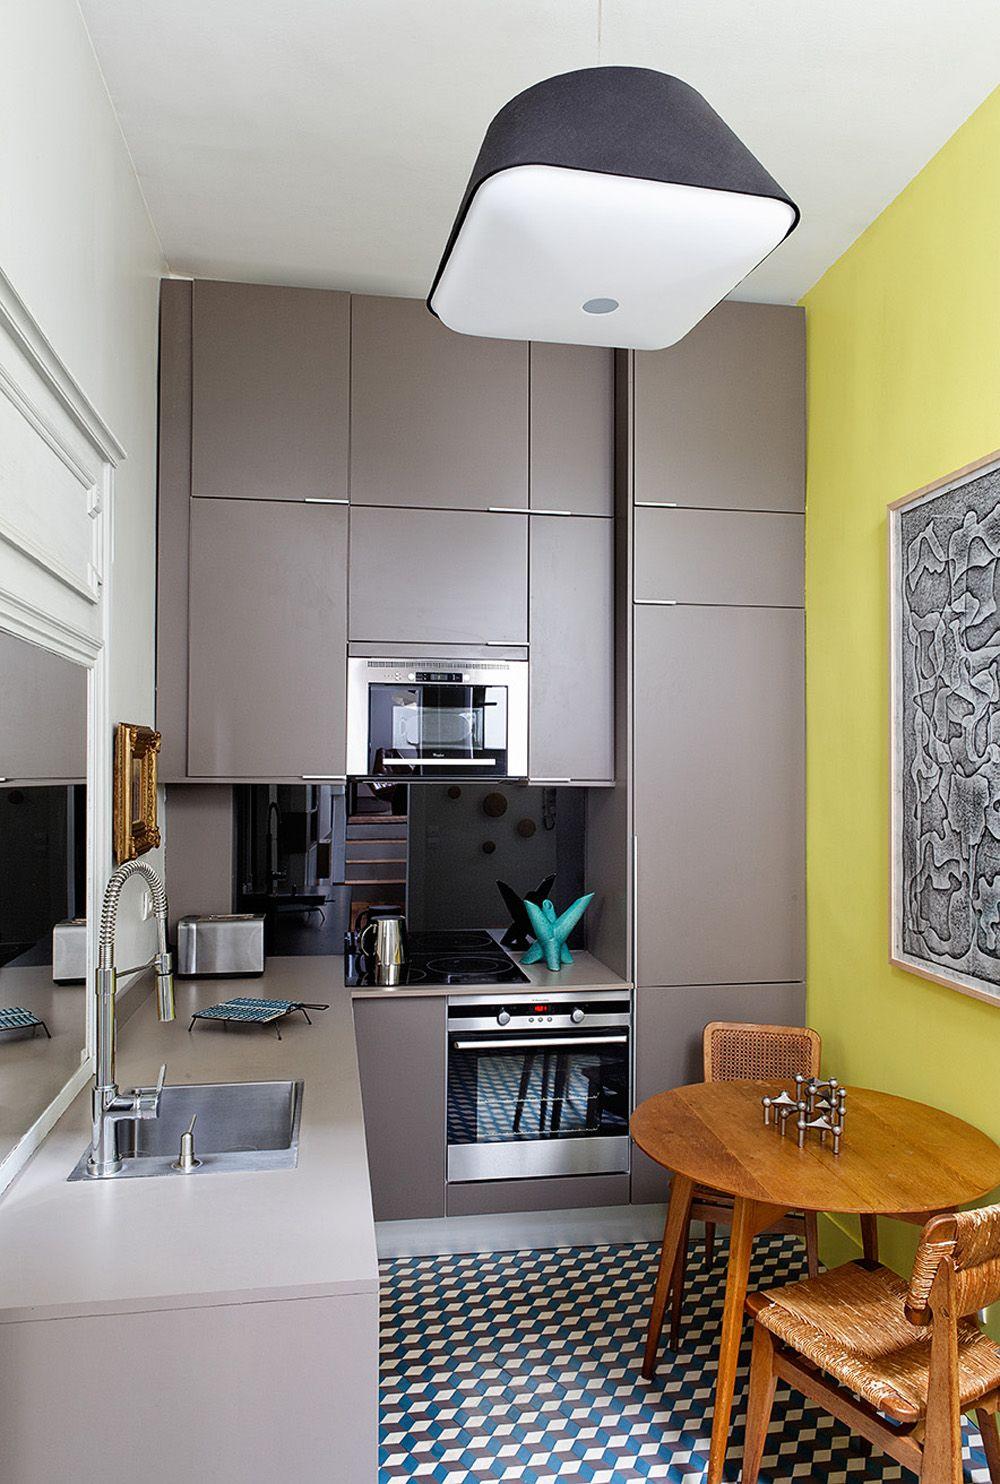 Однокомнатная квартира 40 кв м маленькая кухня